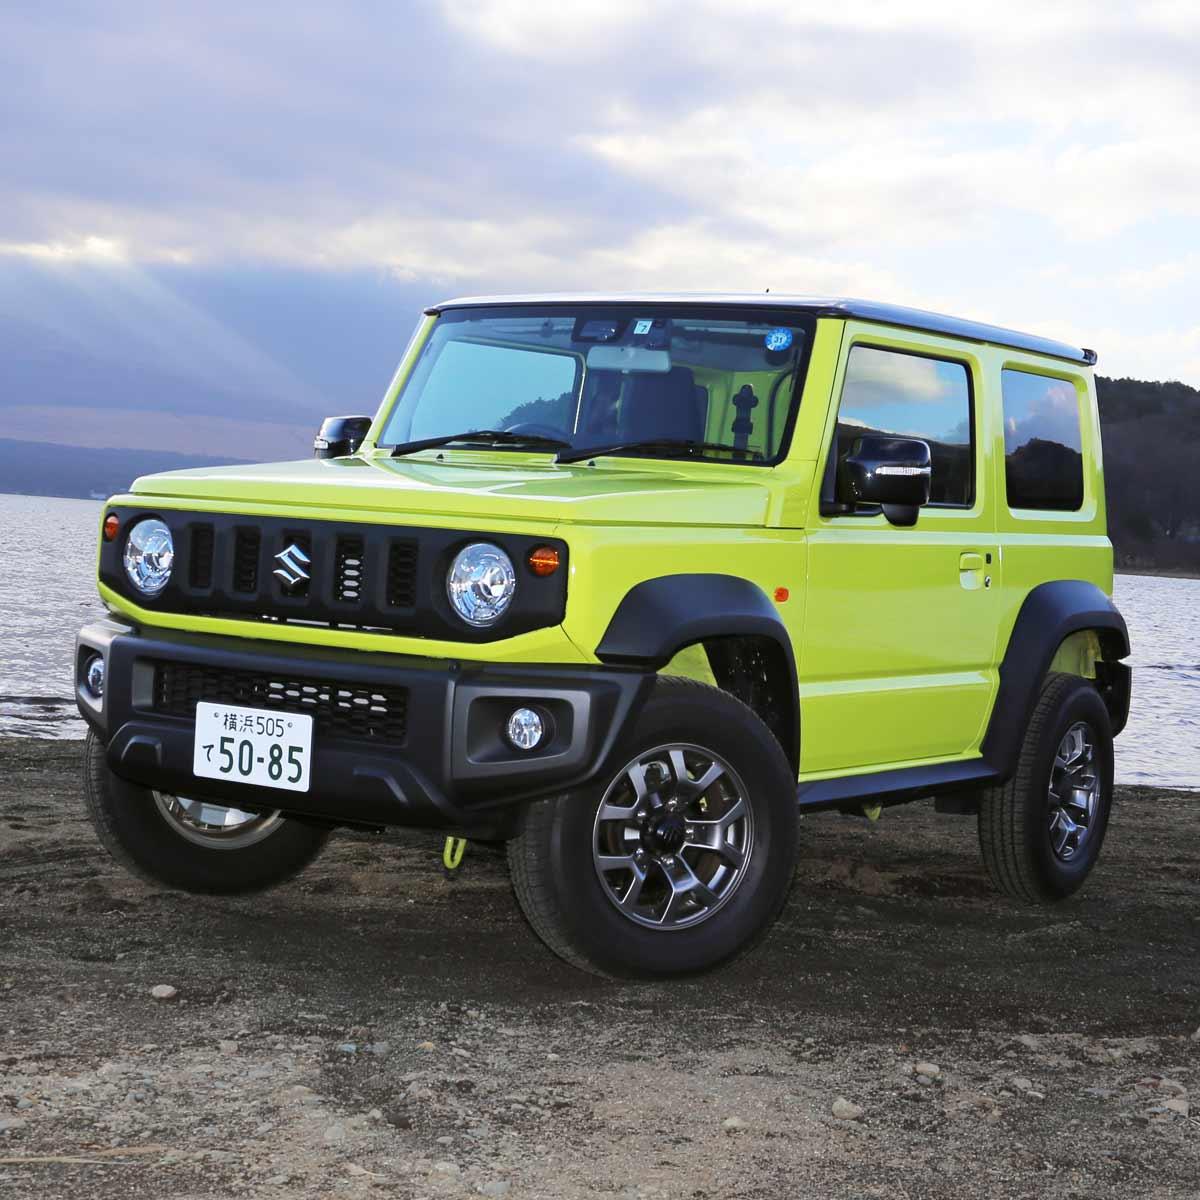 スズキ 新型「ジムニーシエラ」一般道、高速道路から雪上まで700km試乗!